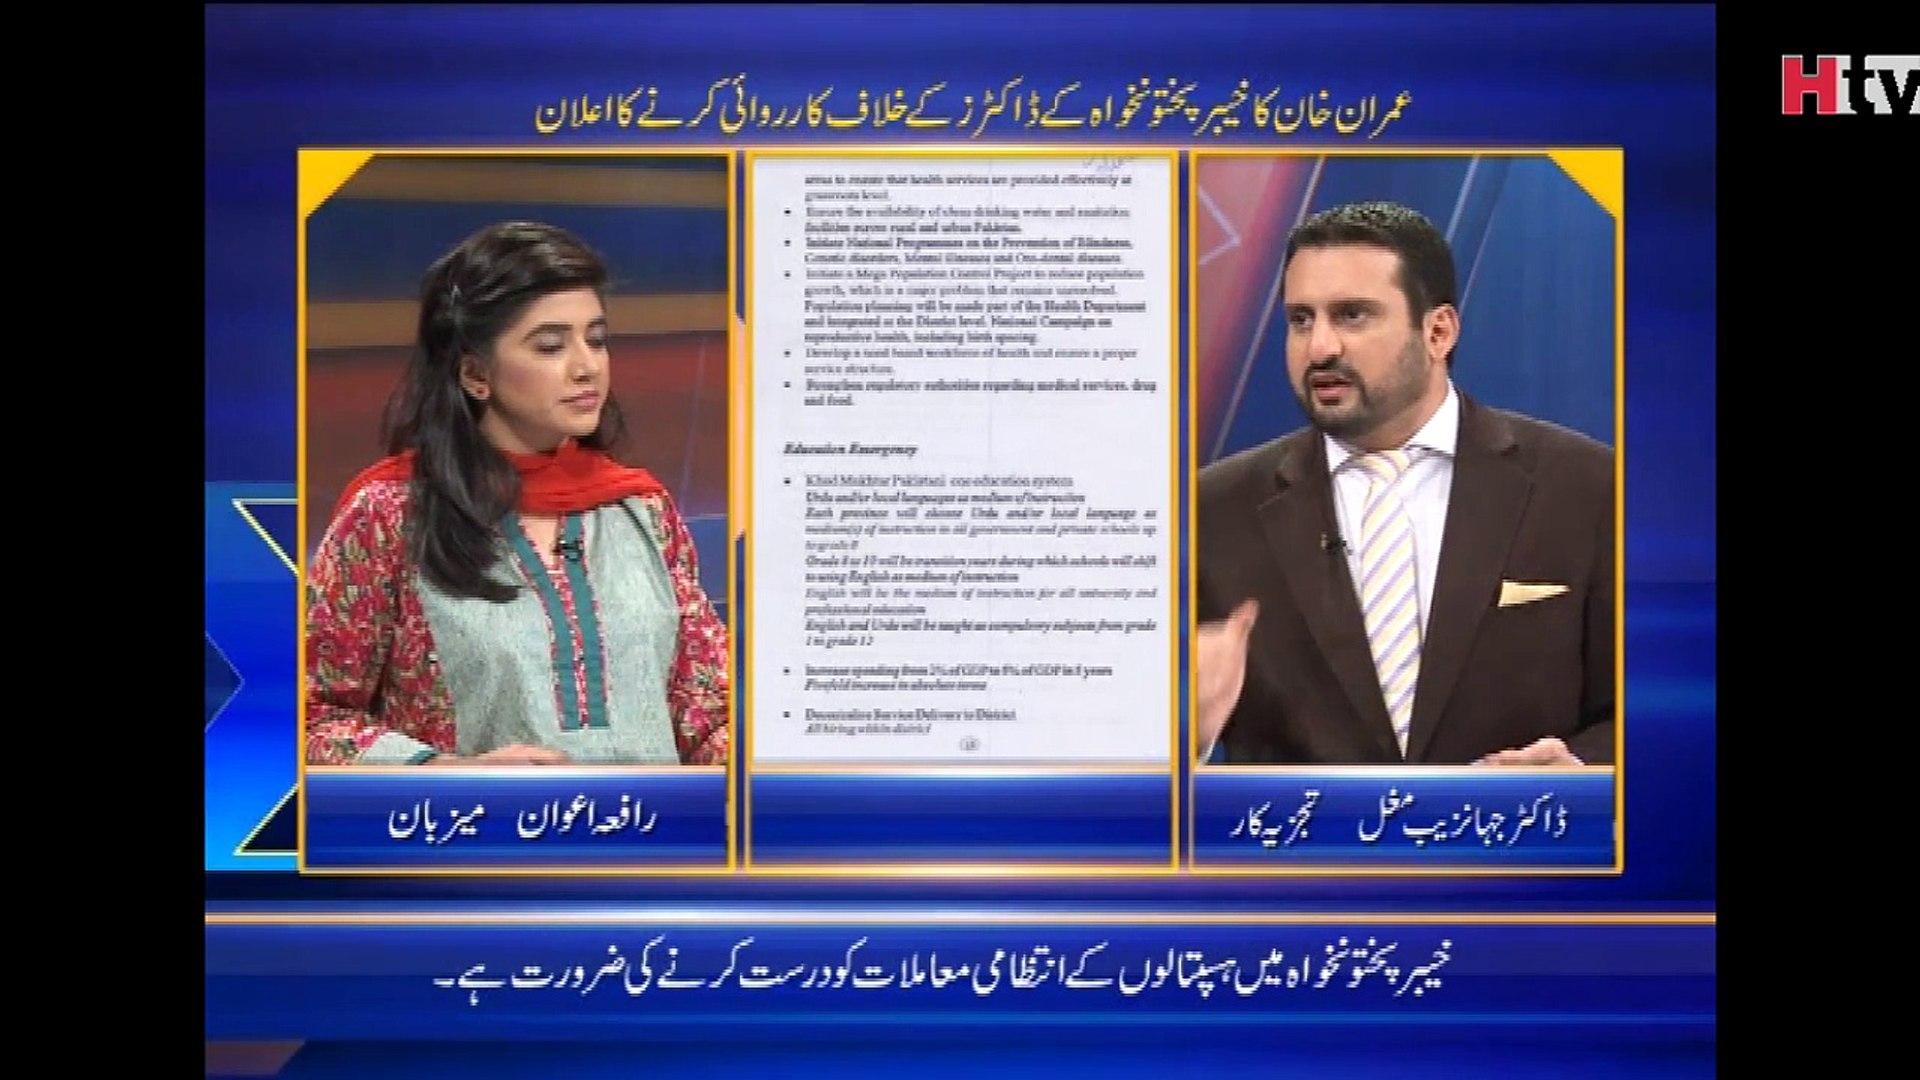 Sehat Agenda - Hospital In Peshawar - HTV